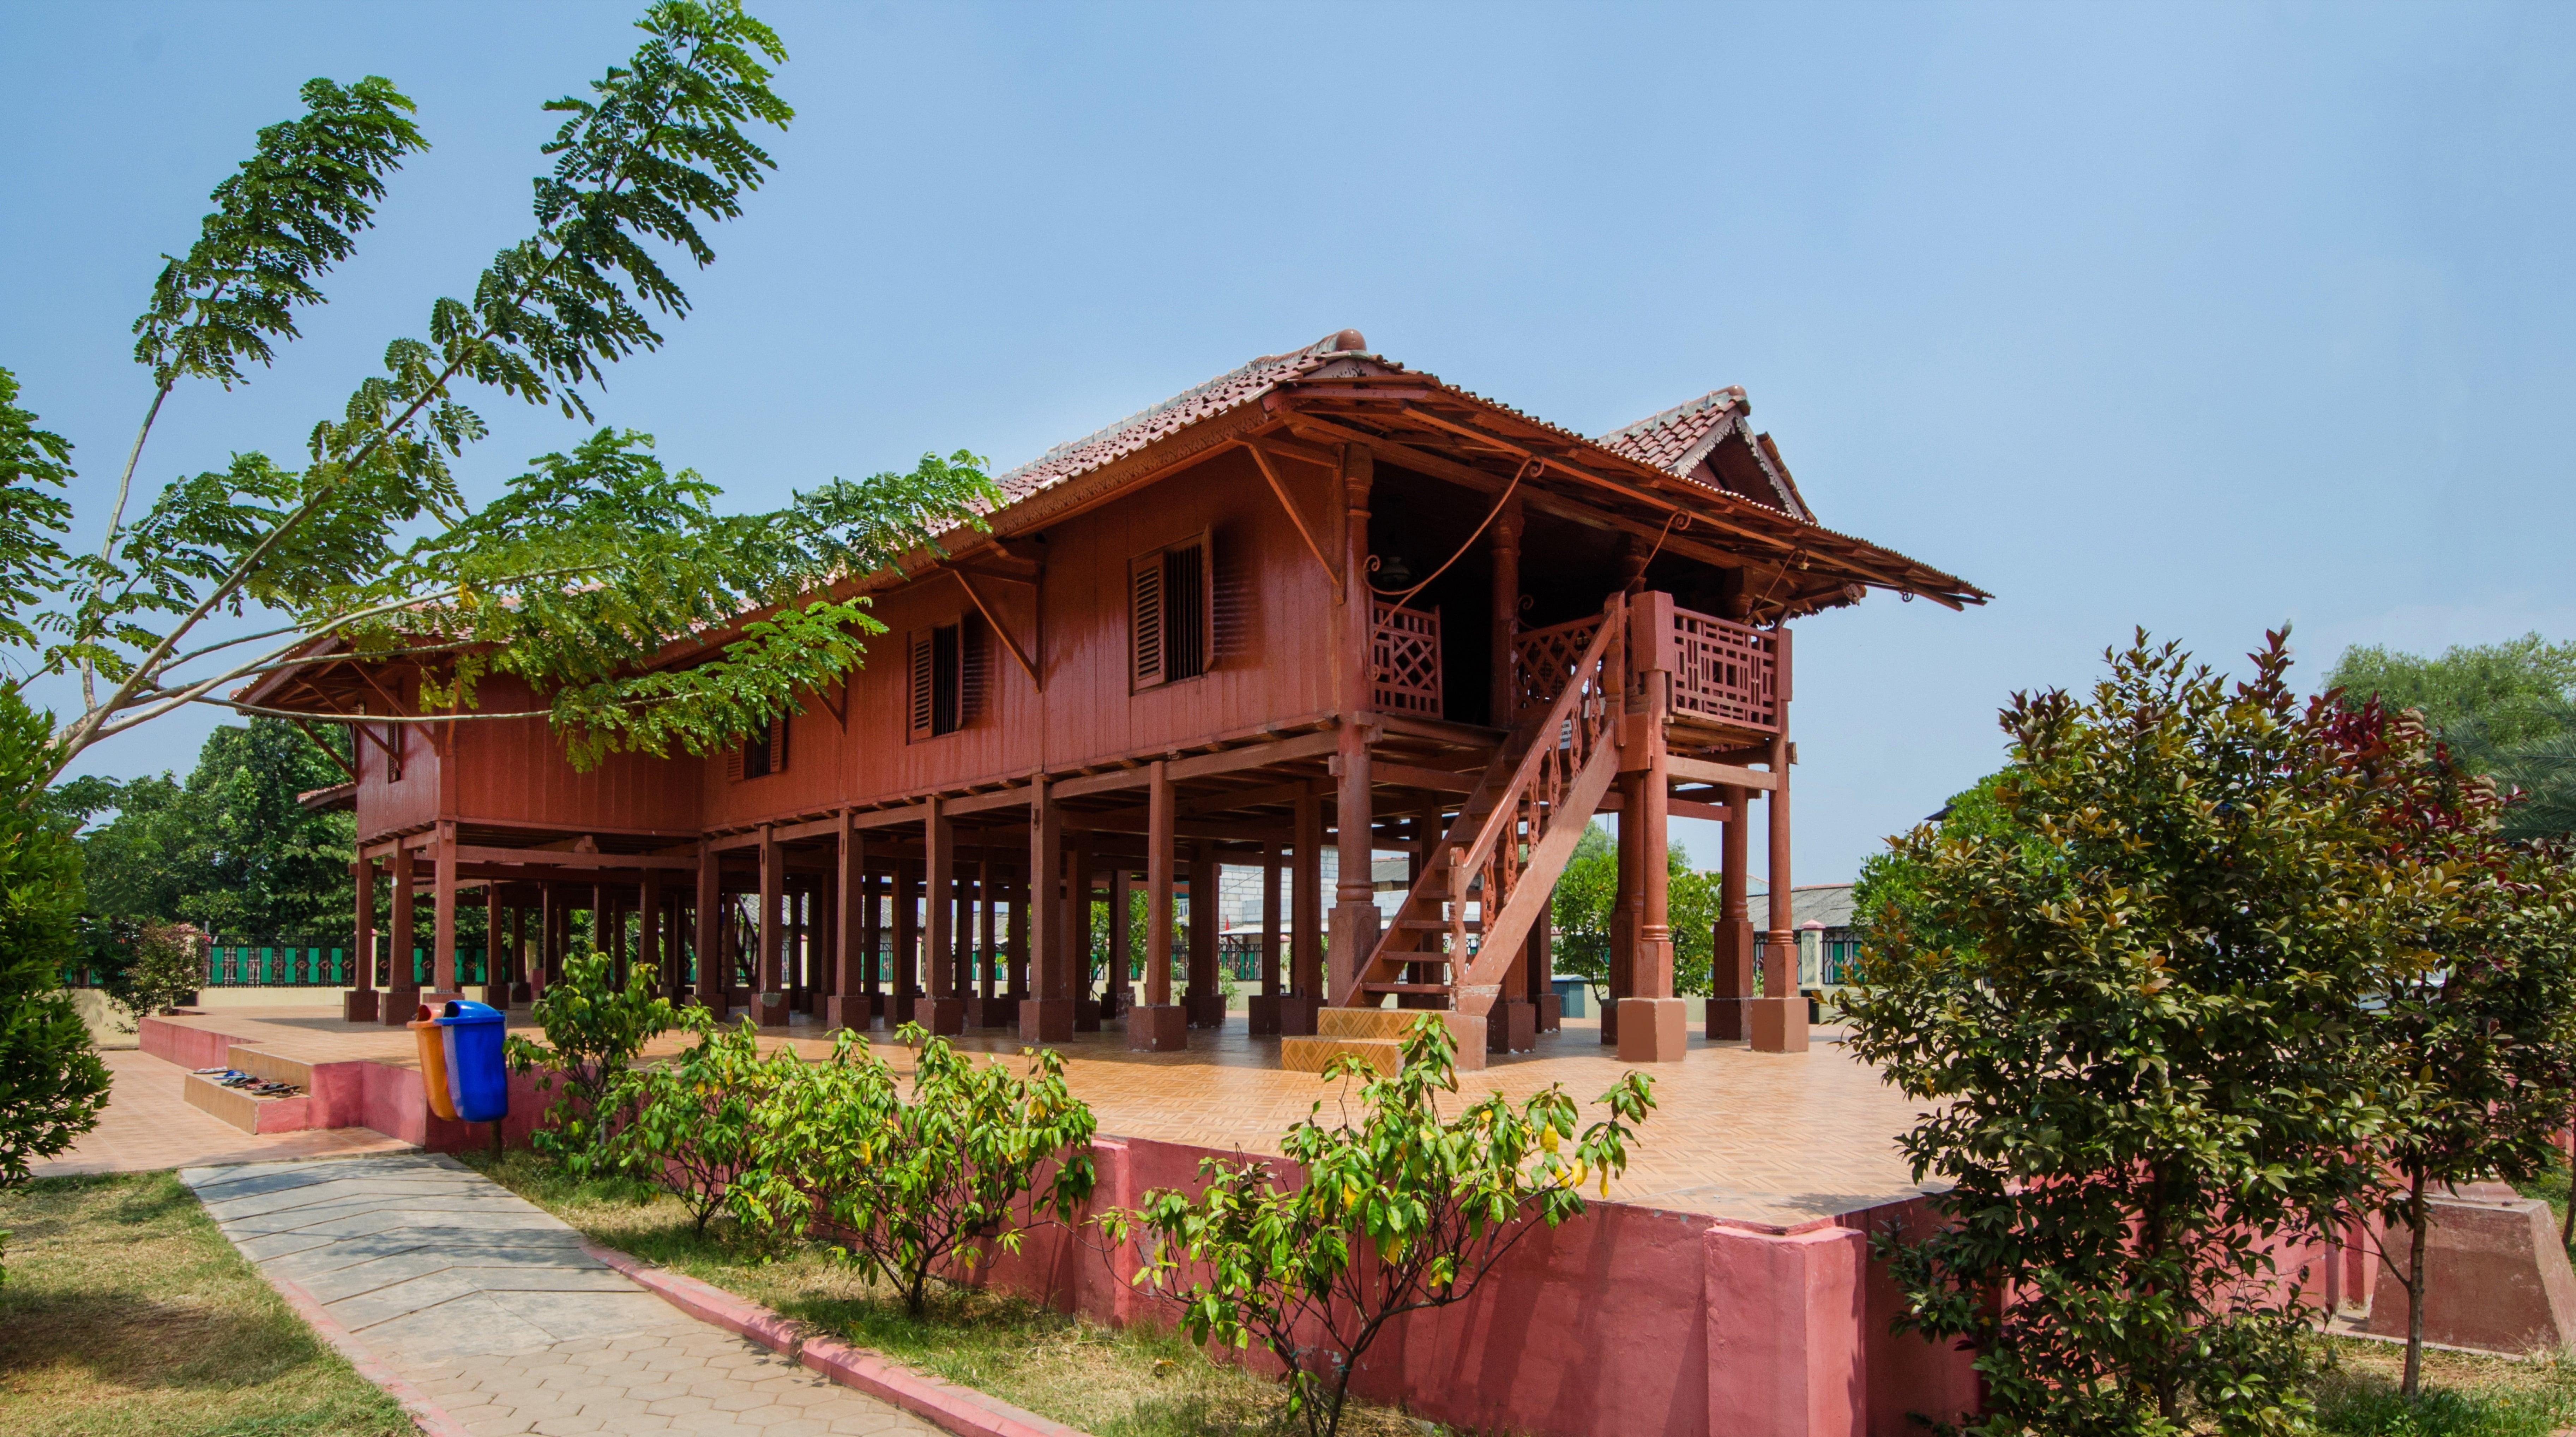 Wow 21 Gambar Rumah Betawi 20 Dengan Tambahan Perancangan Ide Dekorasi Rumah untuk 21 Gambar Rumah Betawi